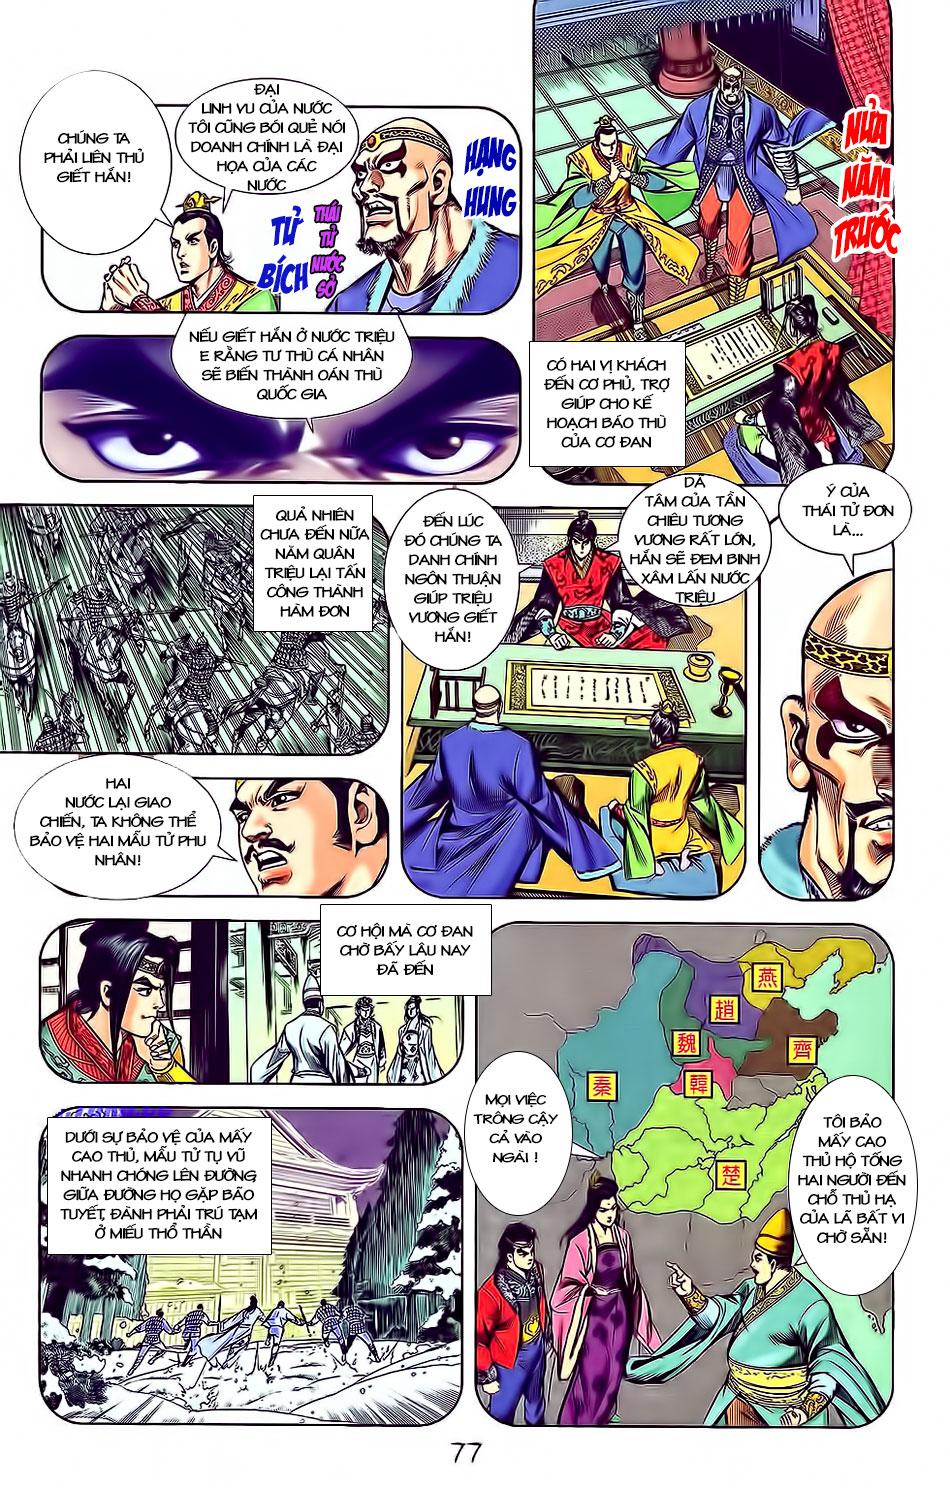 Tần Vương Doanh Chính chapter 3 trang 4